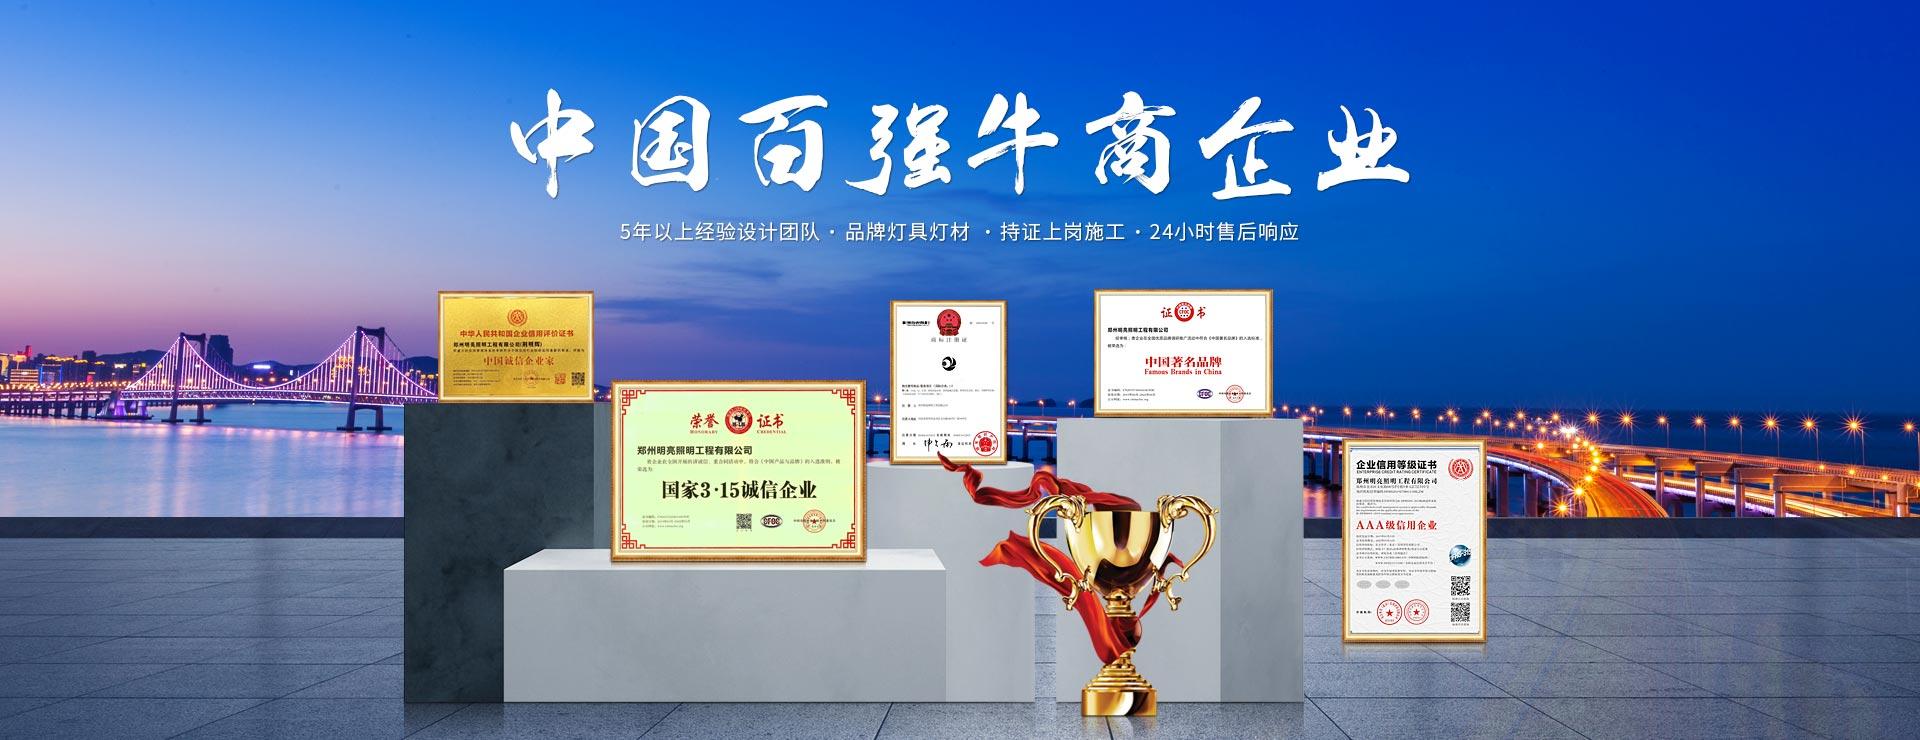 中国百强牛商企业,亮化工程公司